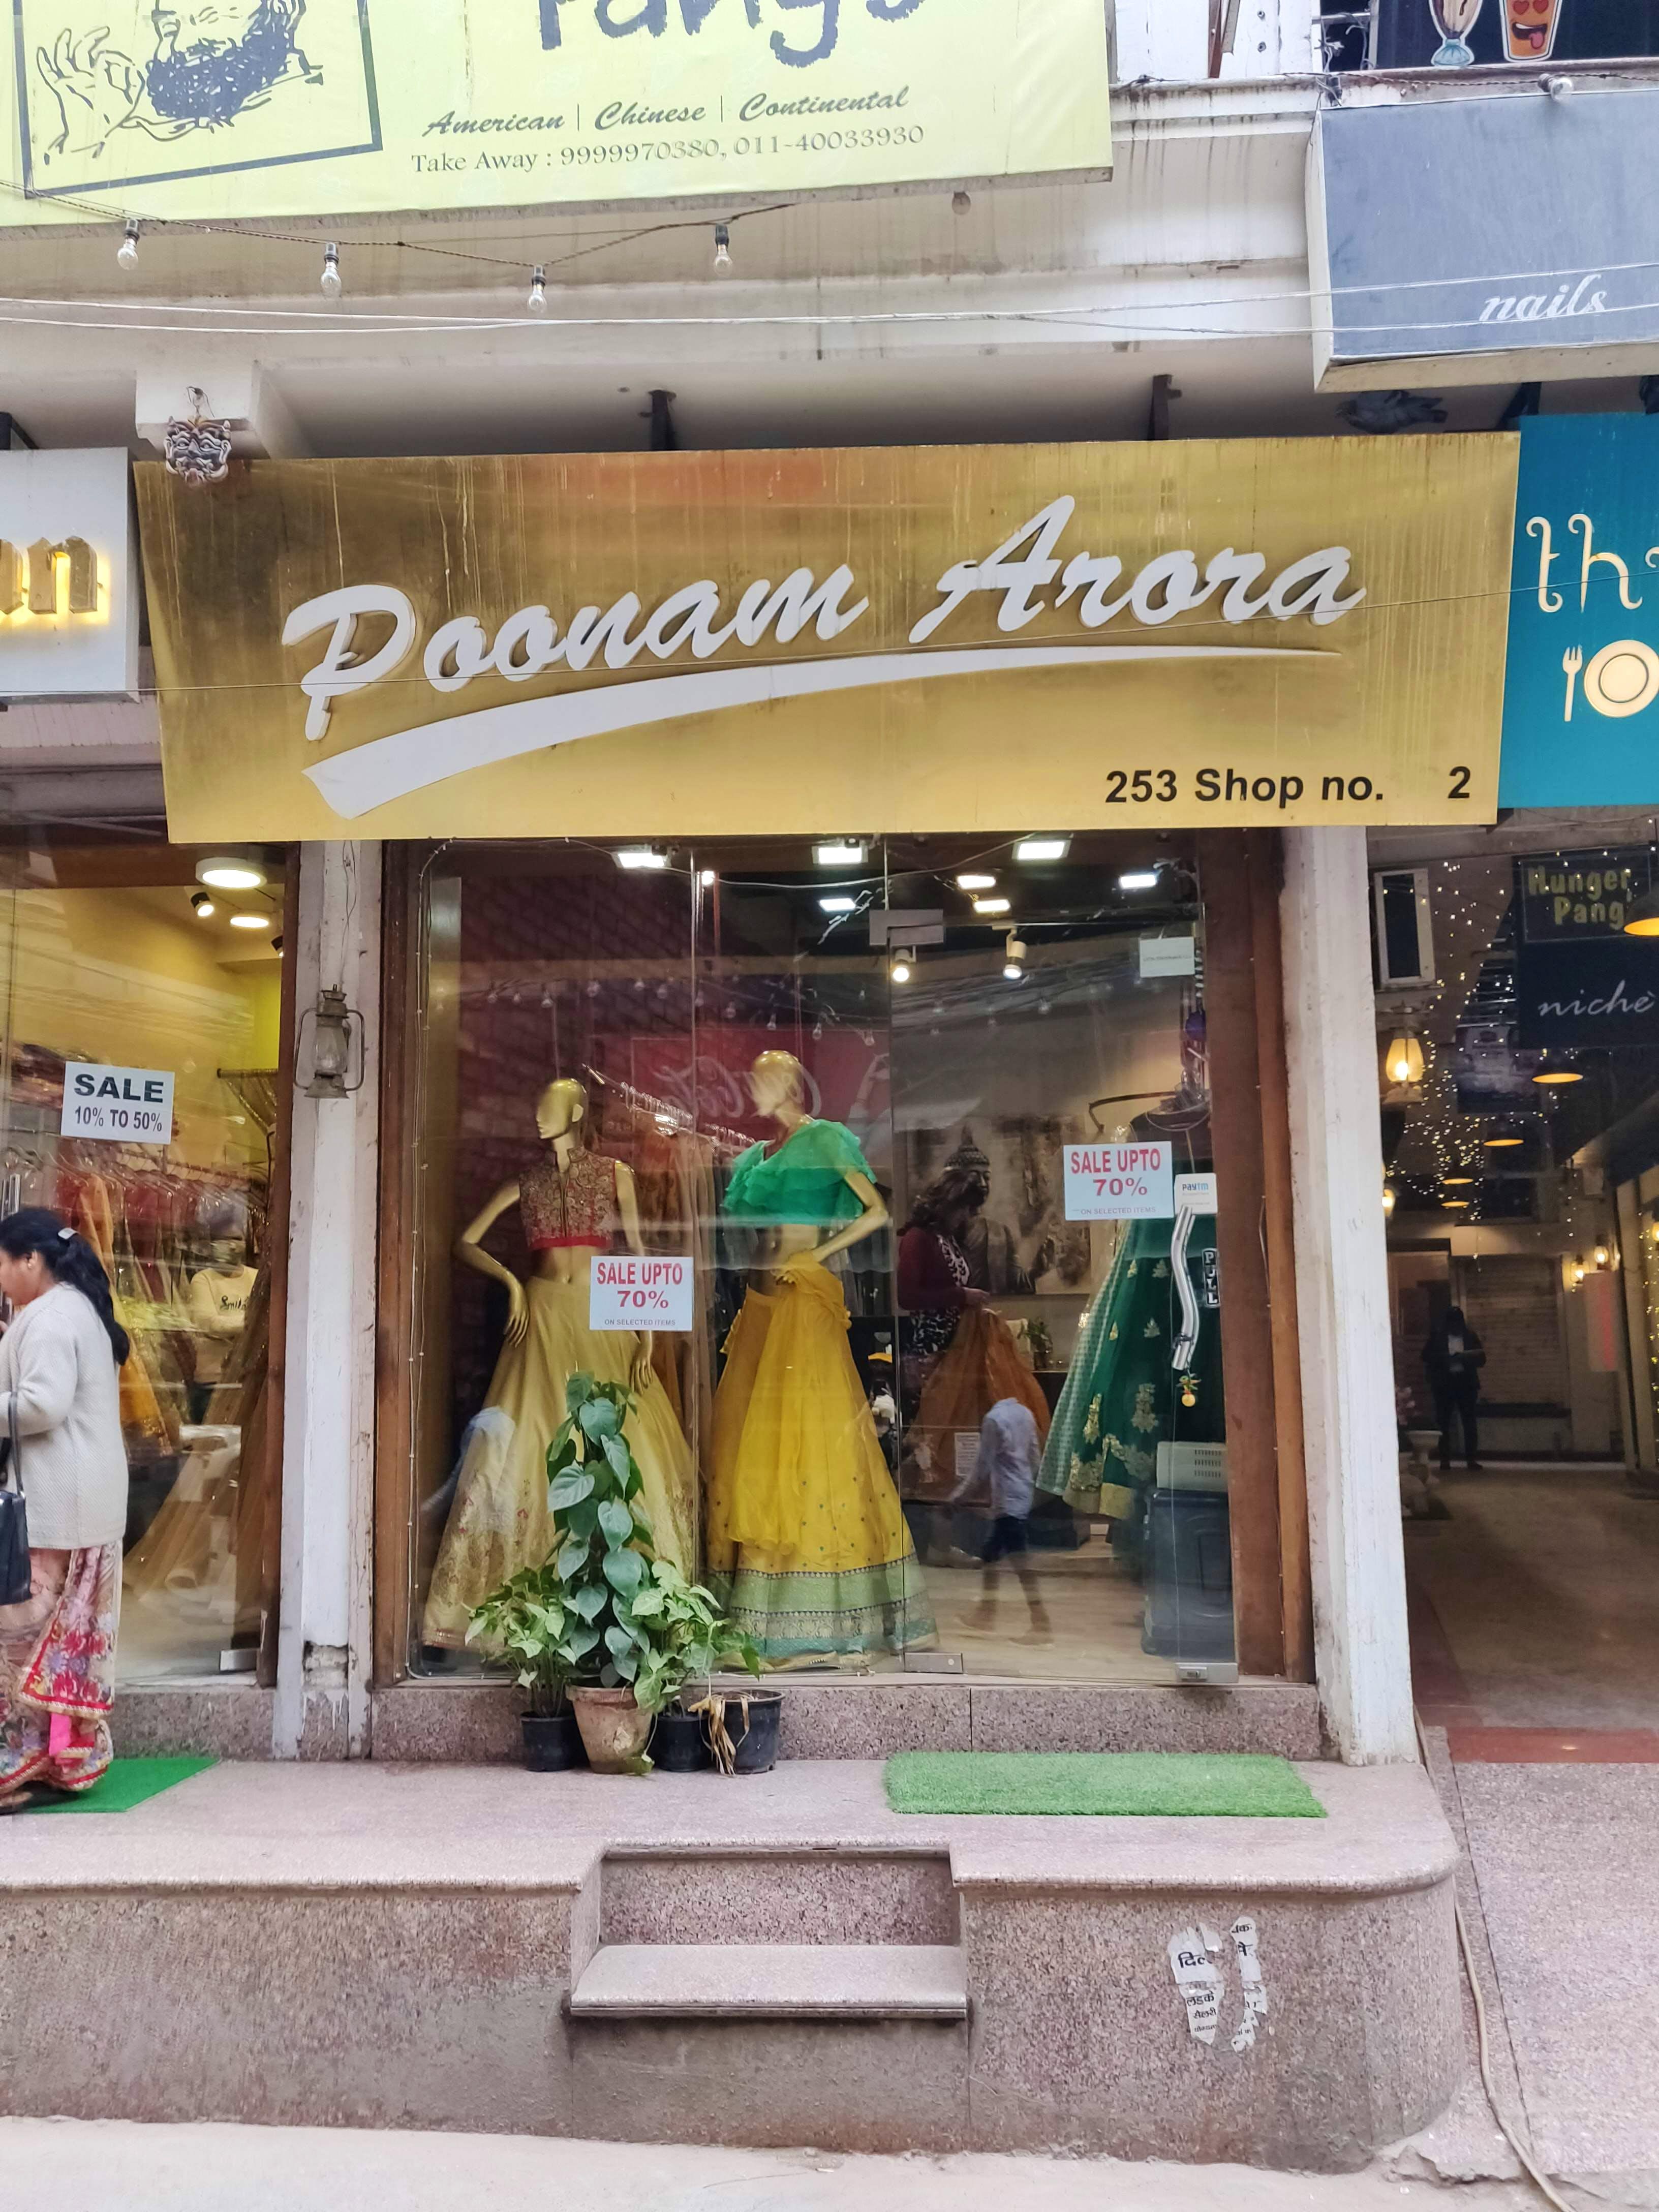 image - Poonam Arora